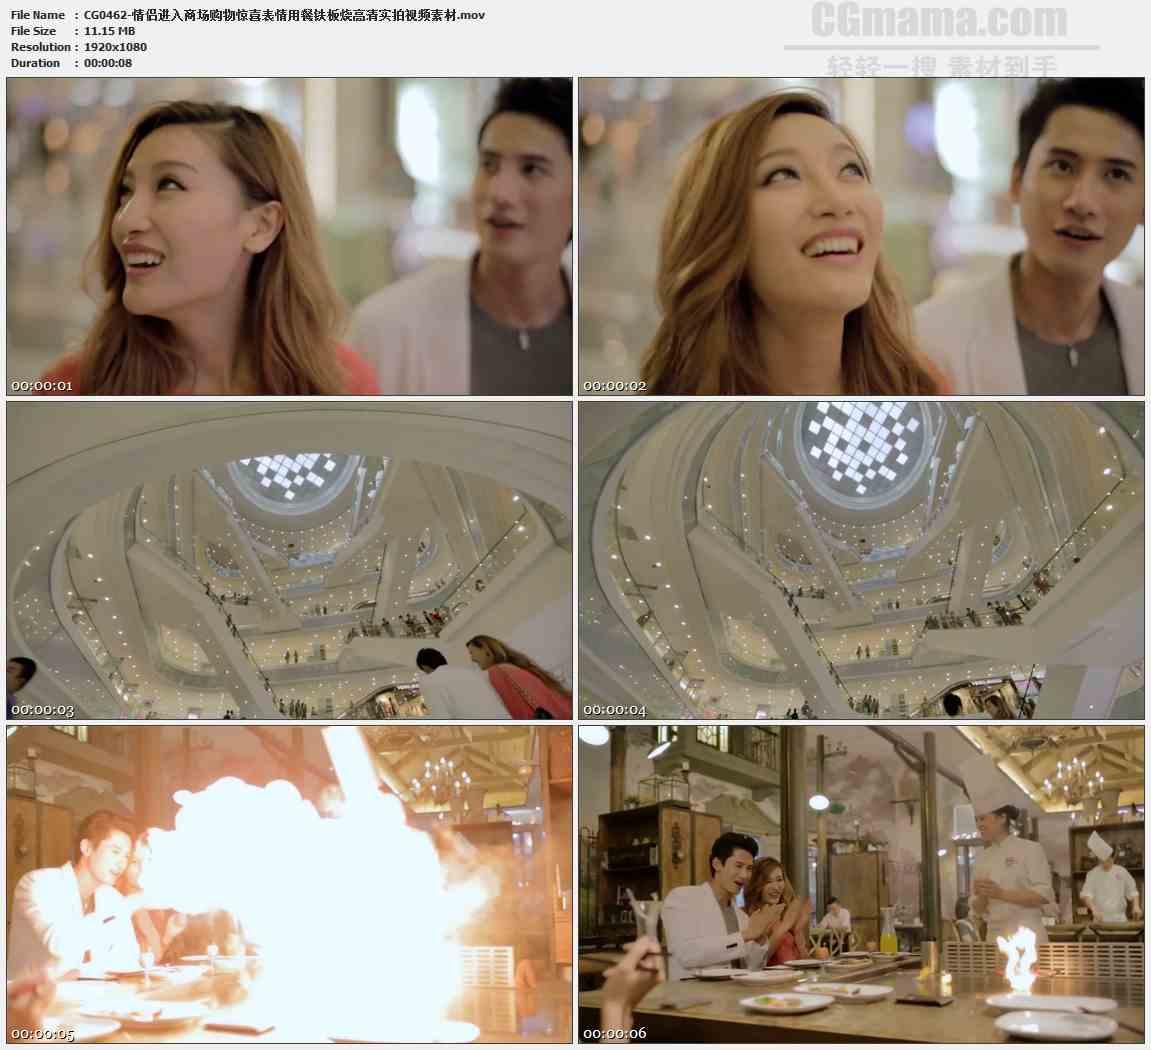 CG0462-情侣进入商场购物惊喜表情用餐铁板烧高清实拍视频素材